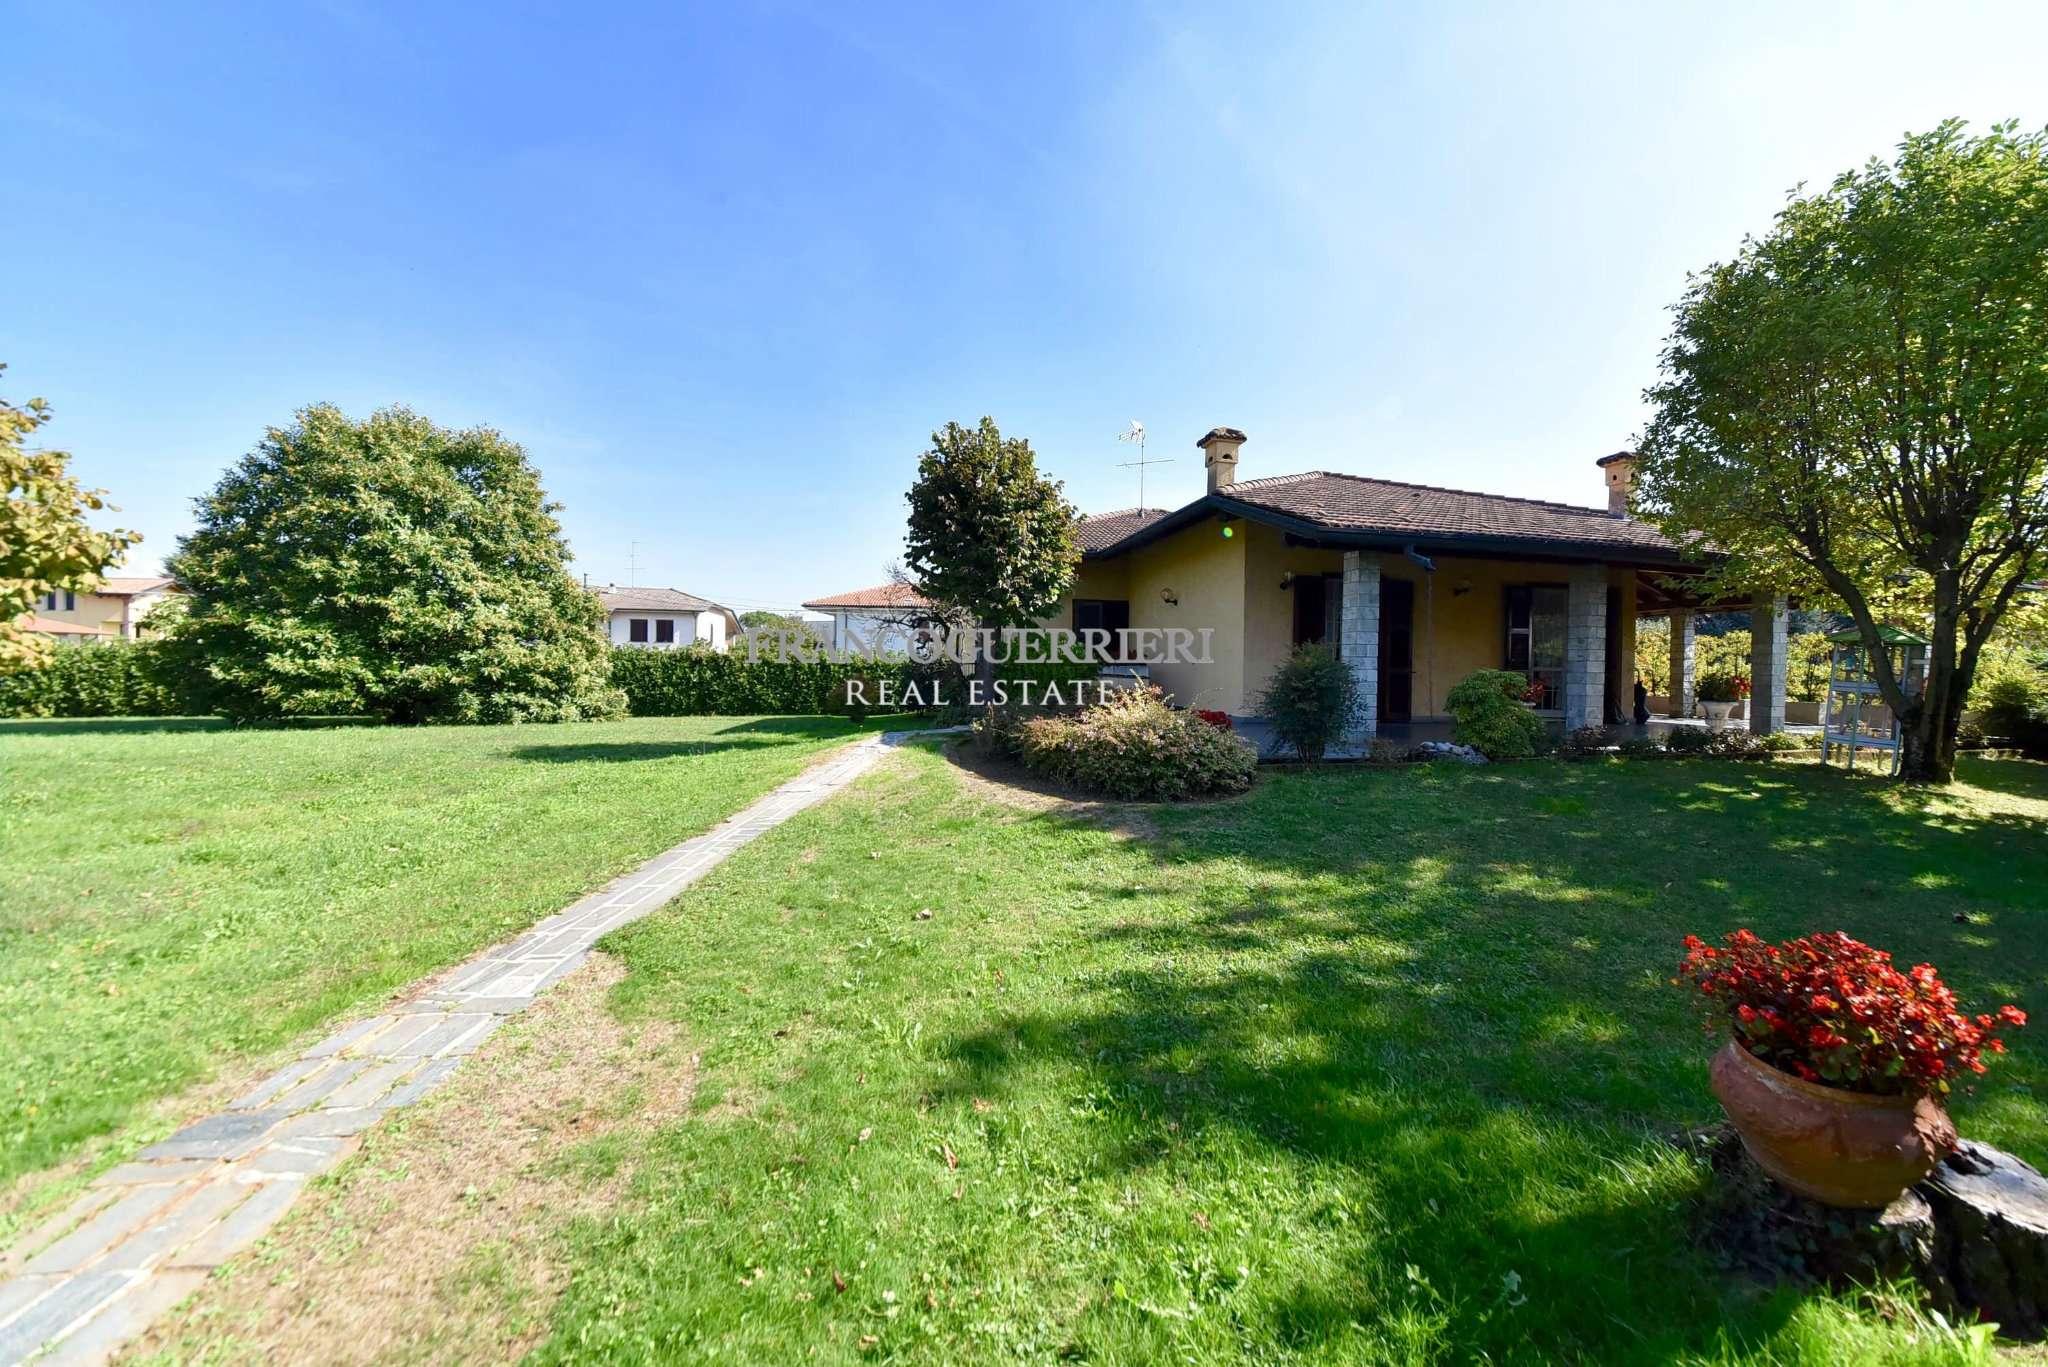 Villa in Vendita a Triuggio: 5 locali, 340 mq